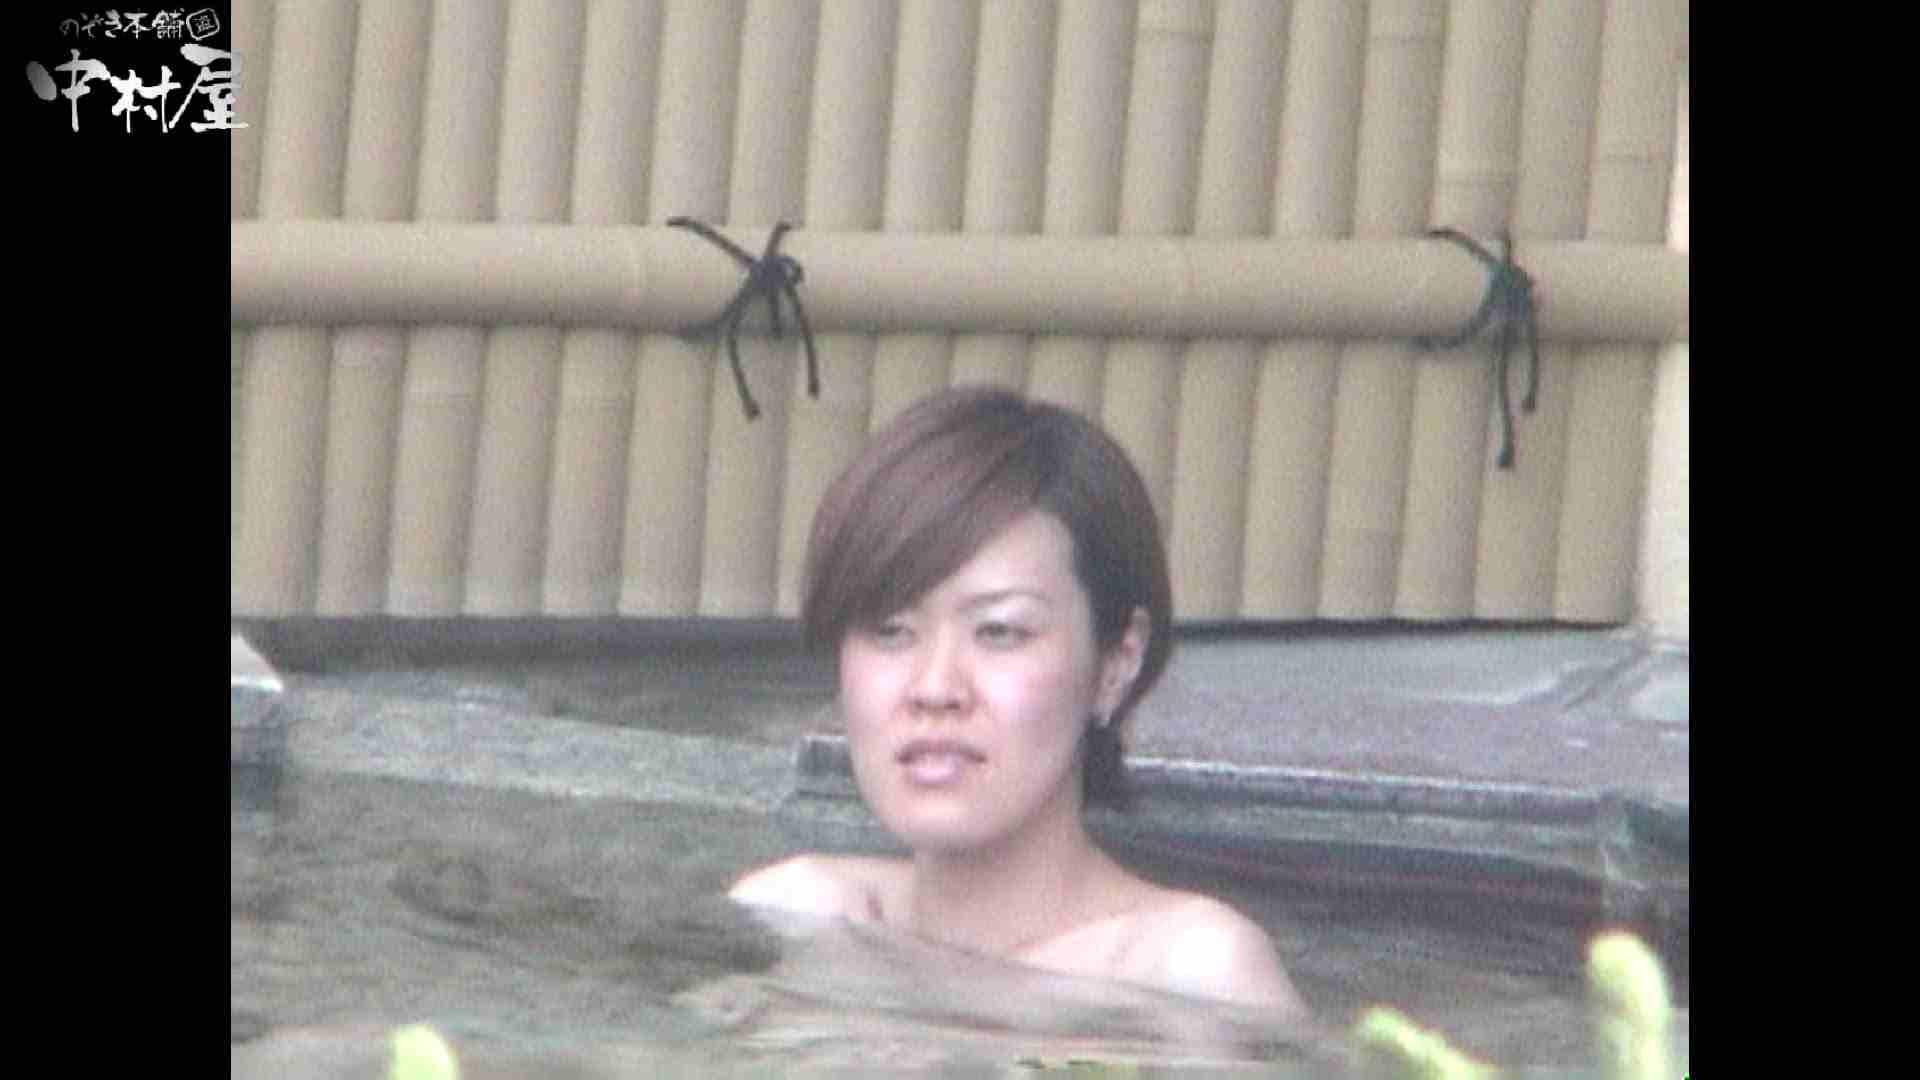 Aquaな露天風呂Vol.961 OL女体   女体盗撮  65連発 46